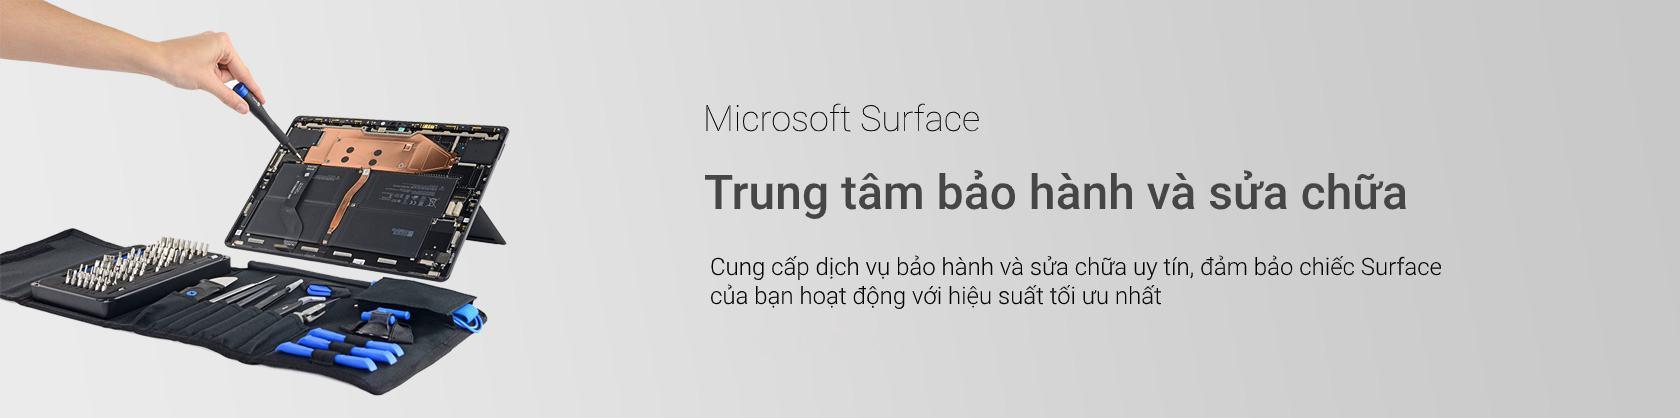 Trung tâm bảo hành và sửa chữa Surface Microsoft 3